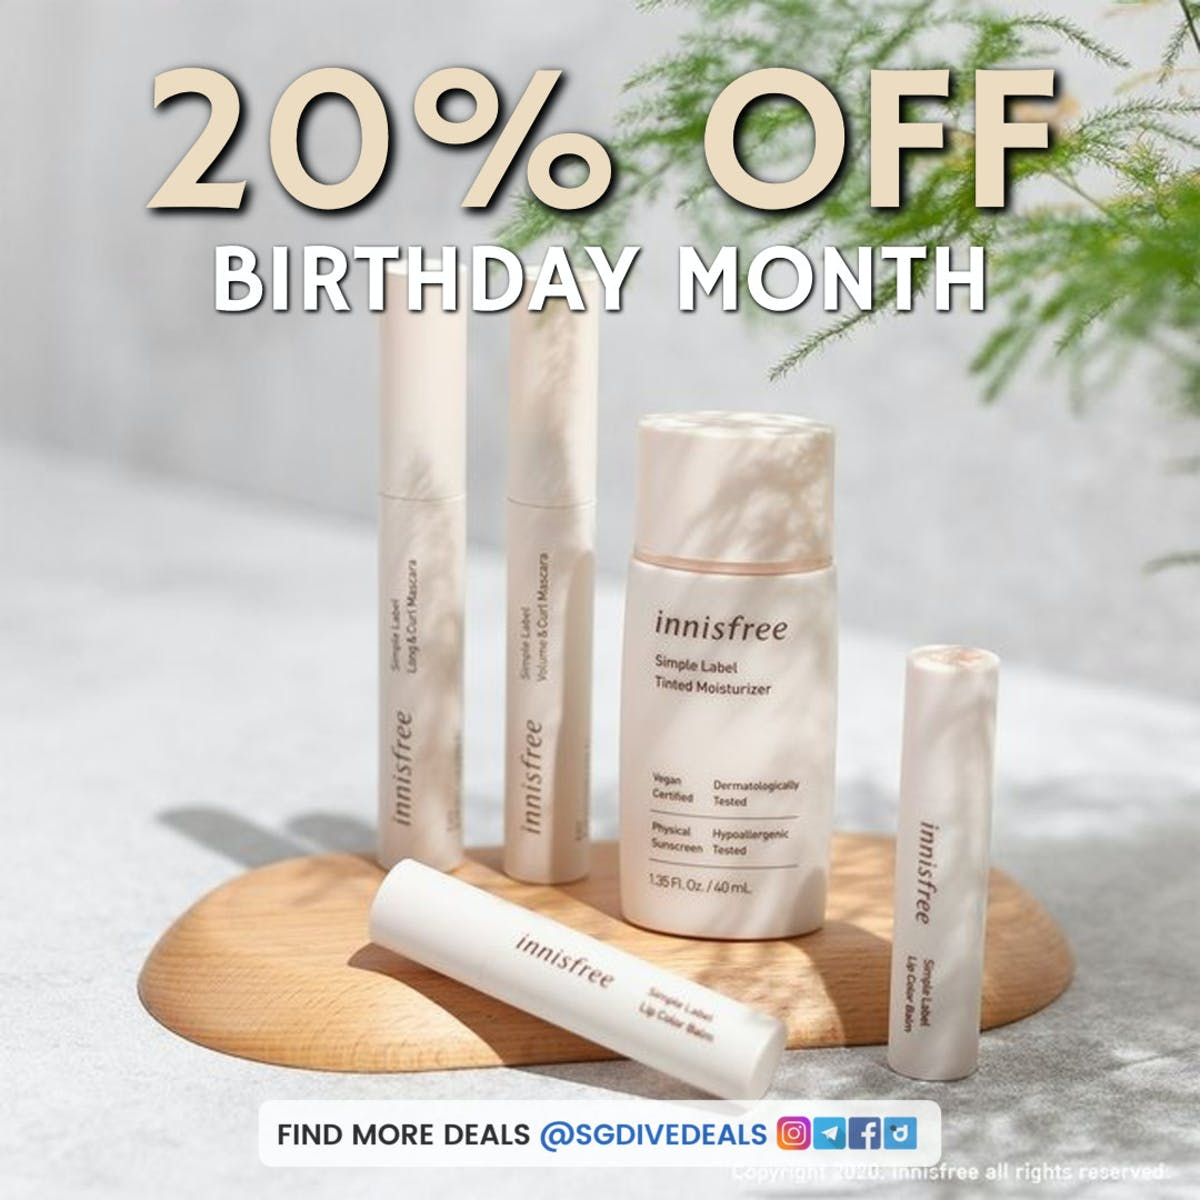 20% off korean skincare at innisfree